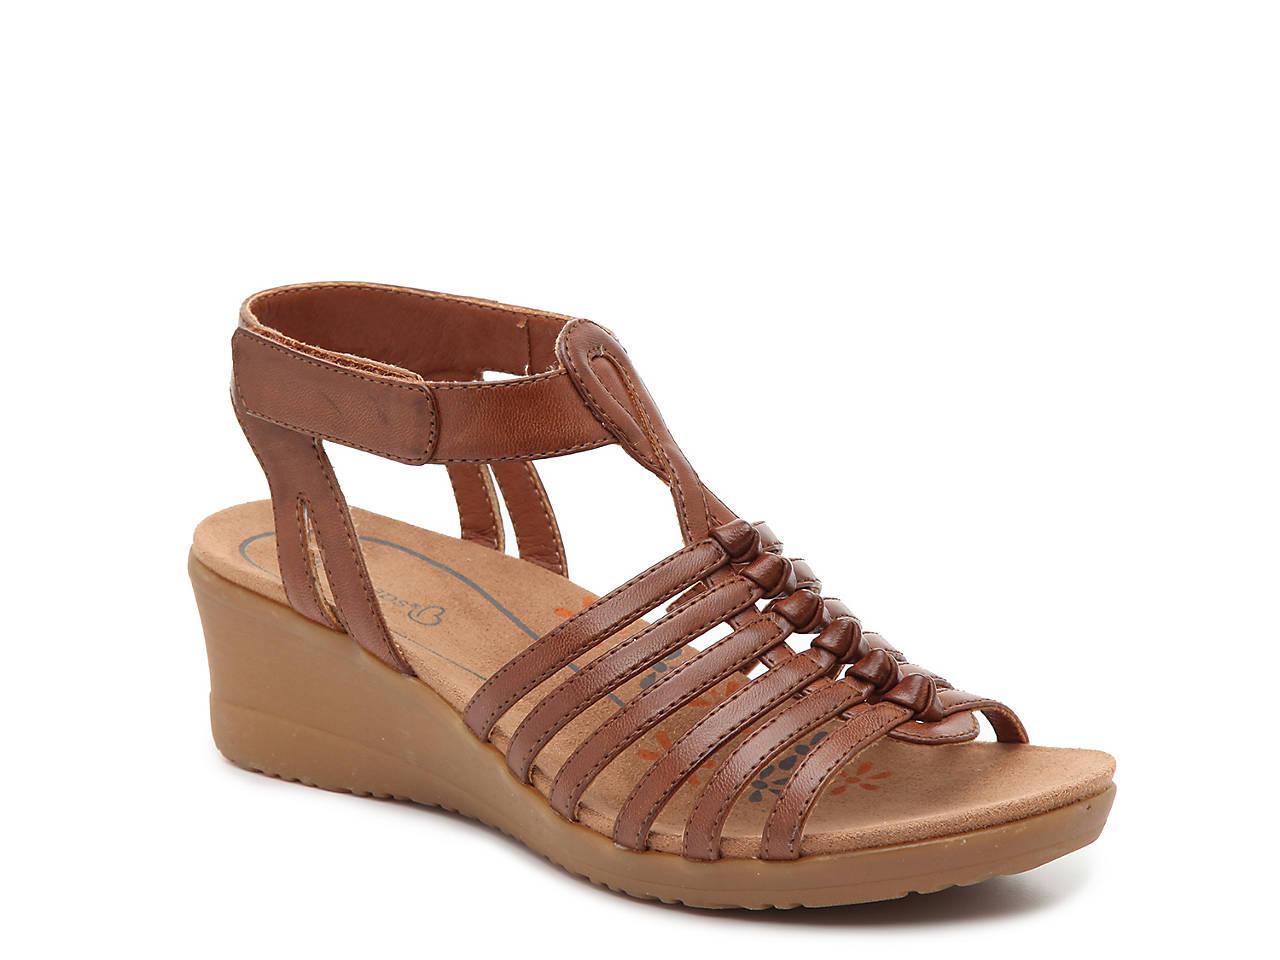 9874d32ce8 Bare Traps Tiera Wedge Sandal Women's Shoes   DSW